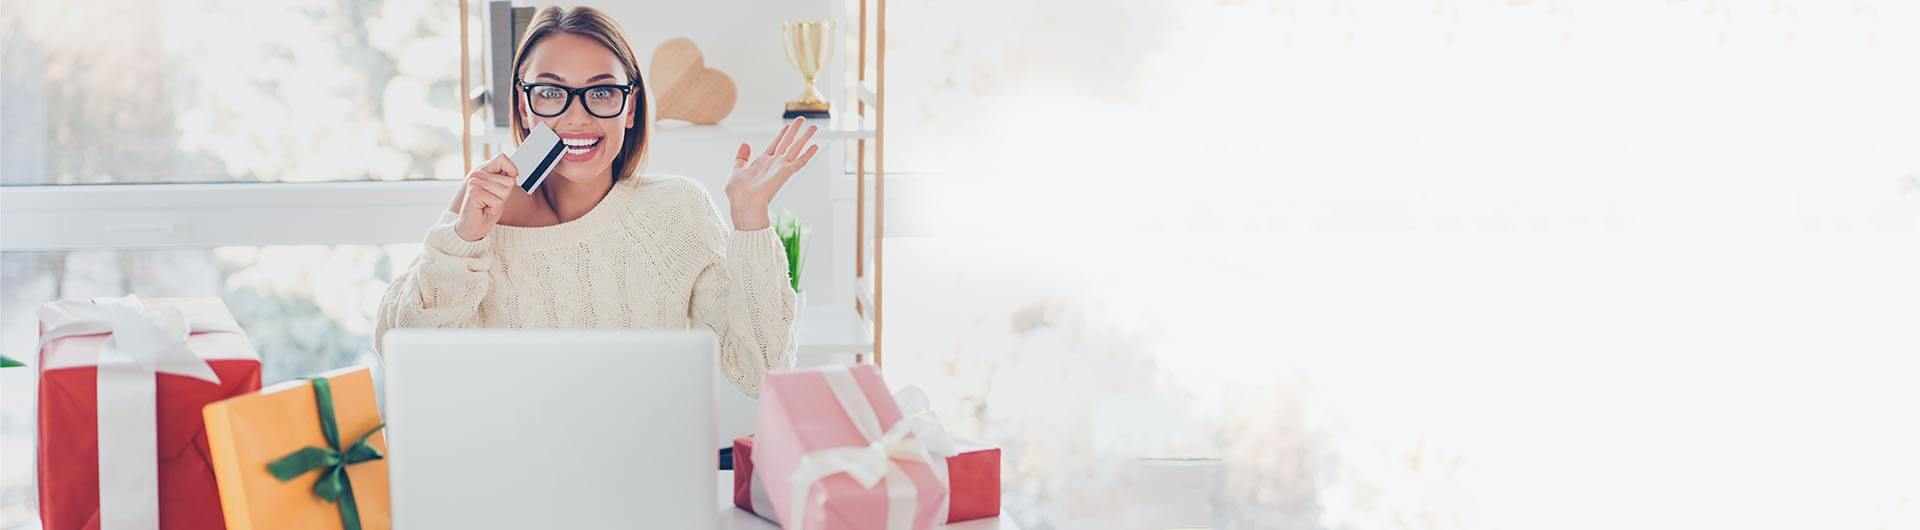 ניהול חנות וירטואלית בחגים - כל הסודות מאחורי מבצעים והנחות השווים